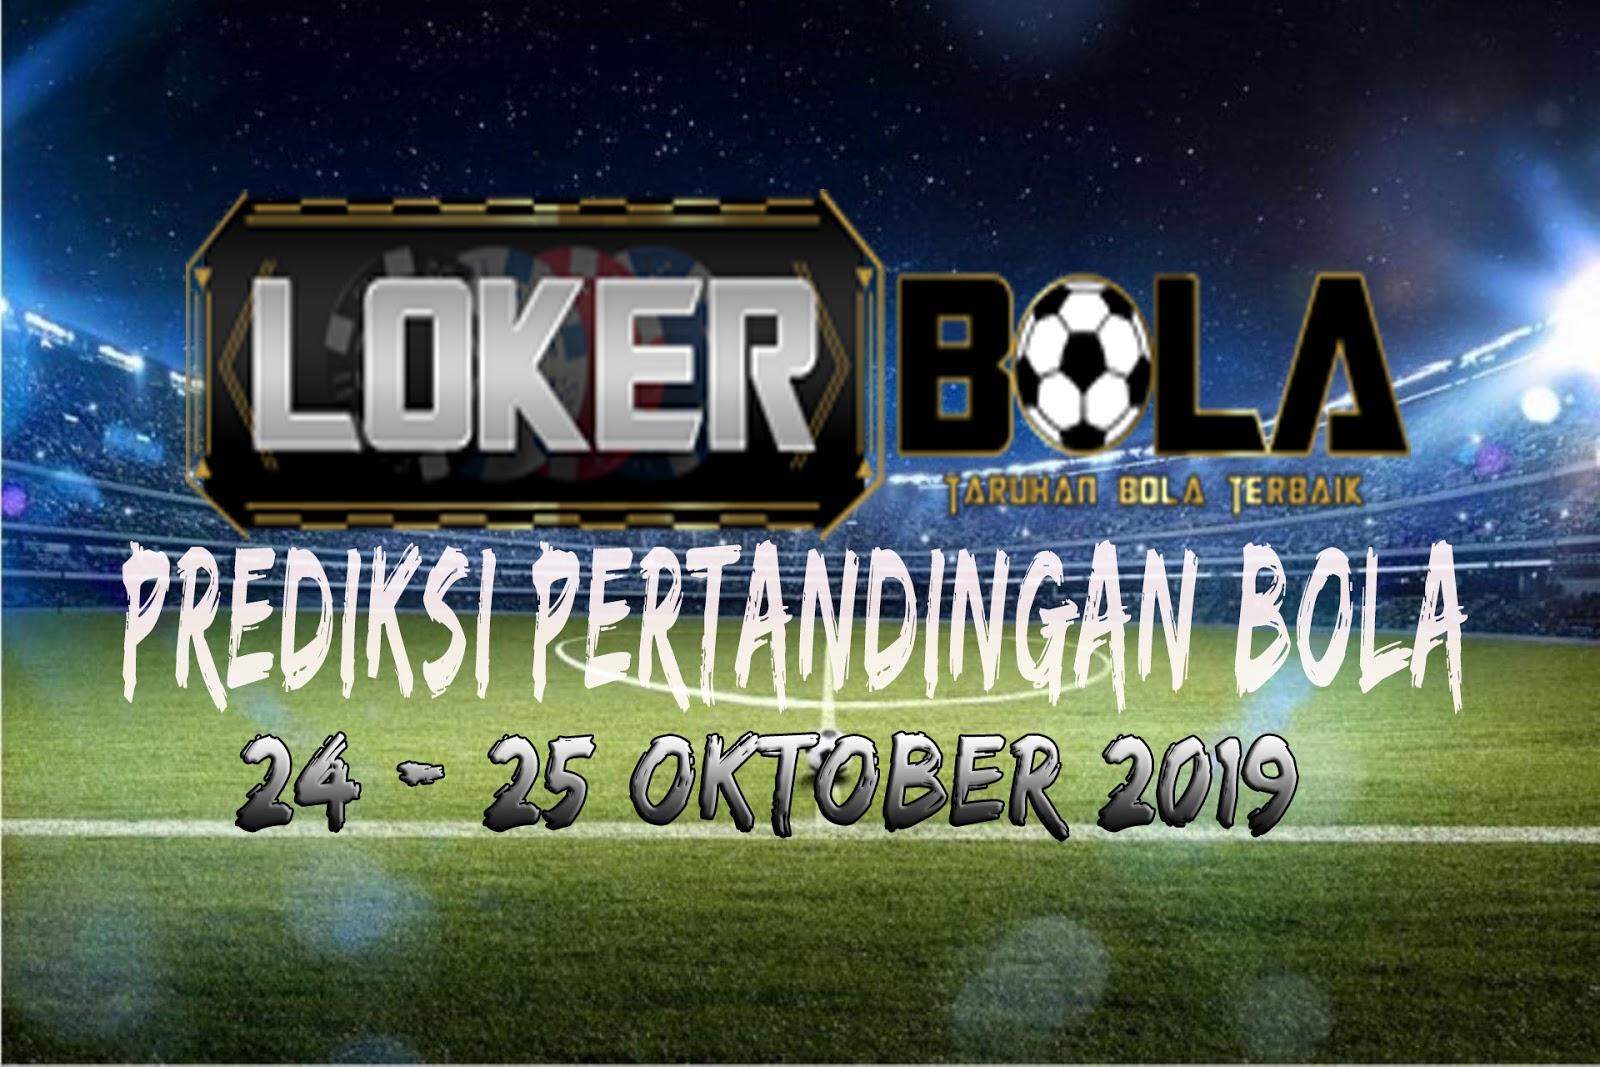 PREDIKSI PERTANDINGAN BOLA 24 – 25 OKTOBER 2019